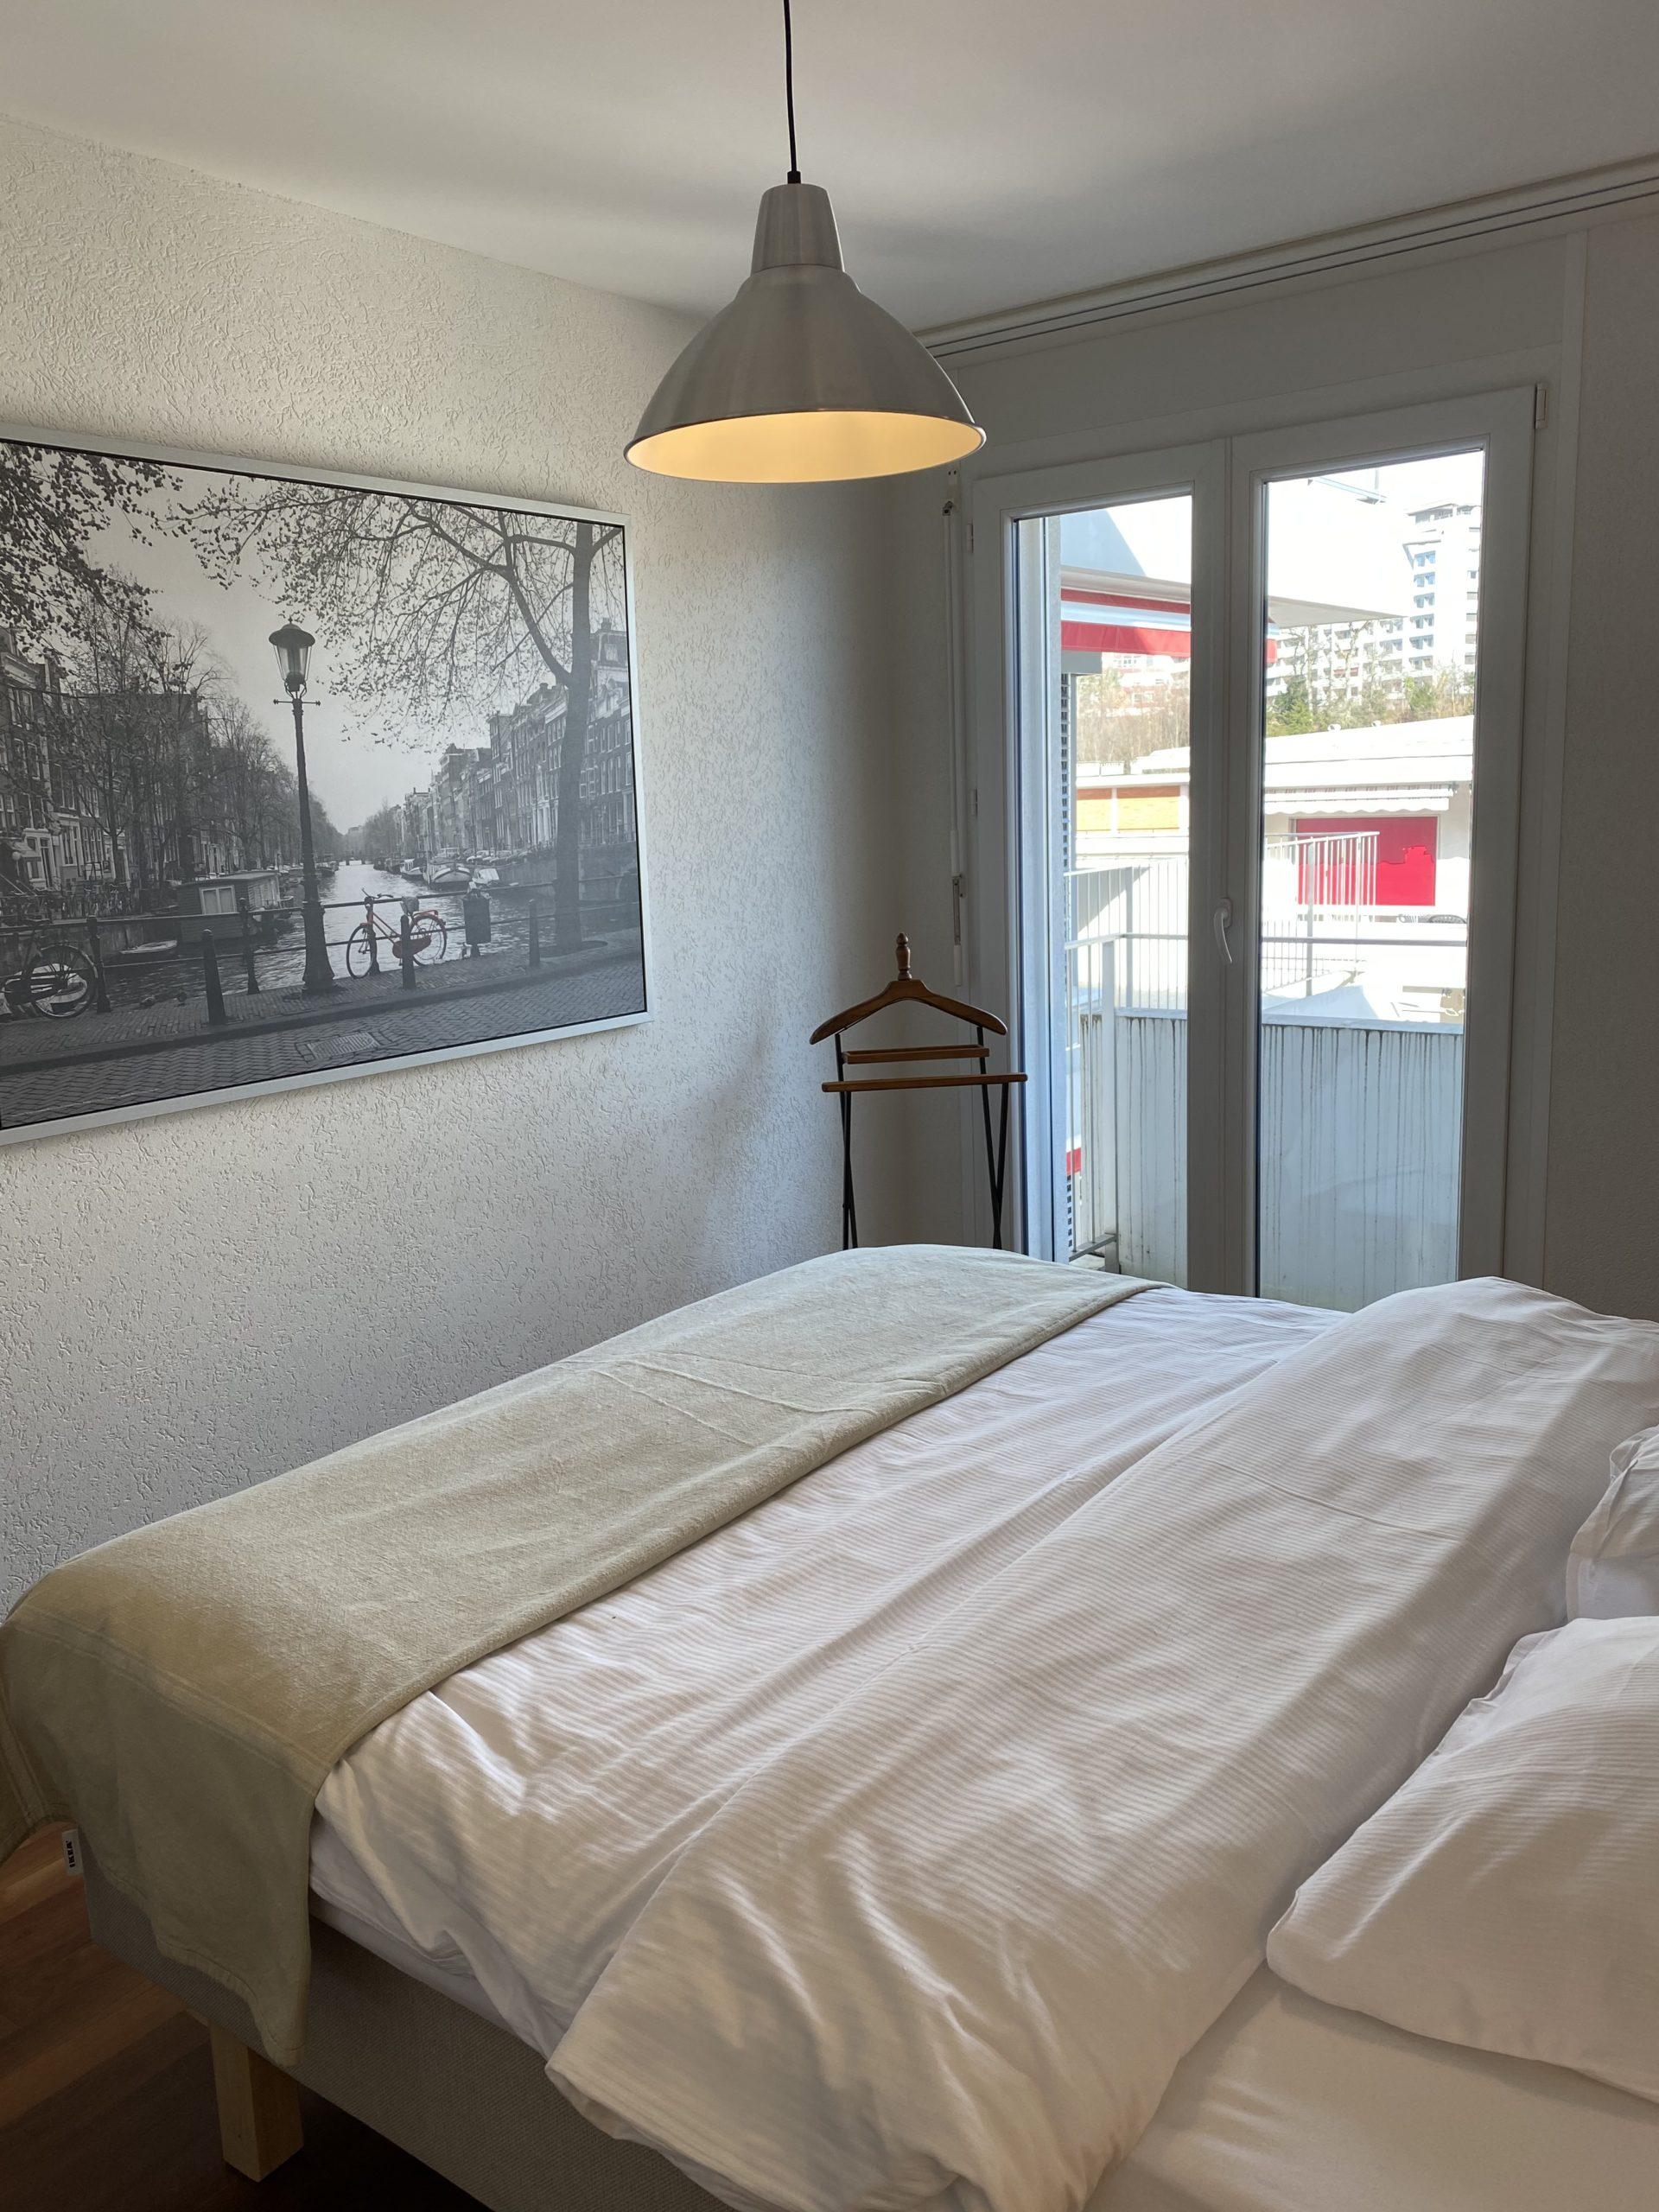 Rue de la Pontaise 10, Lausanne - 3,5 pièces - Lot 14 28